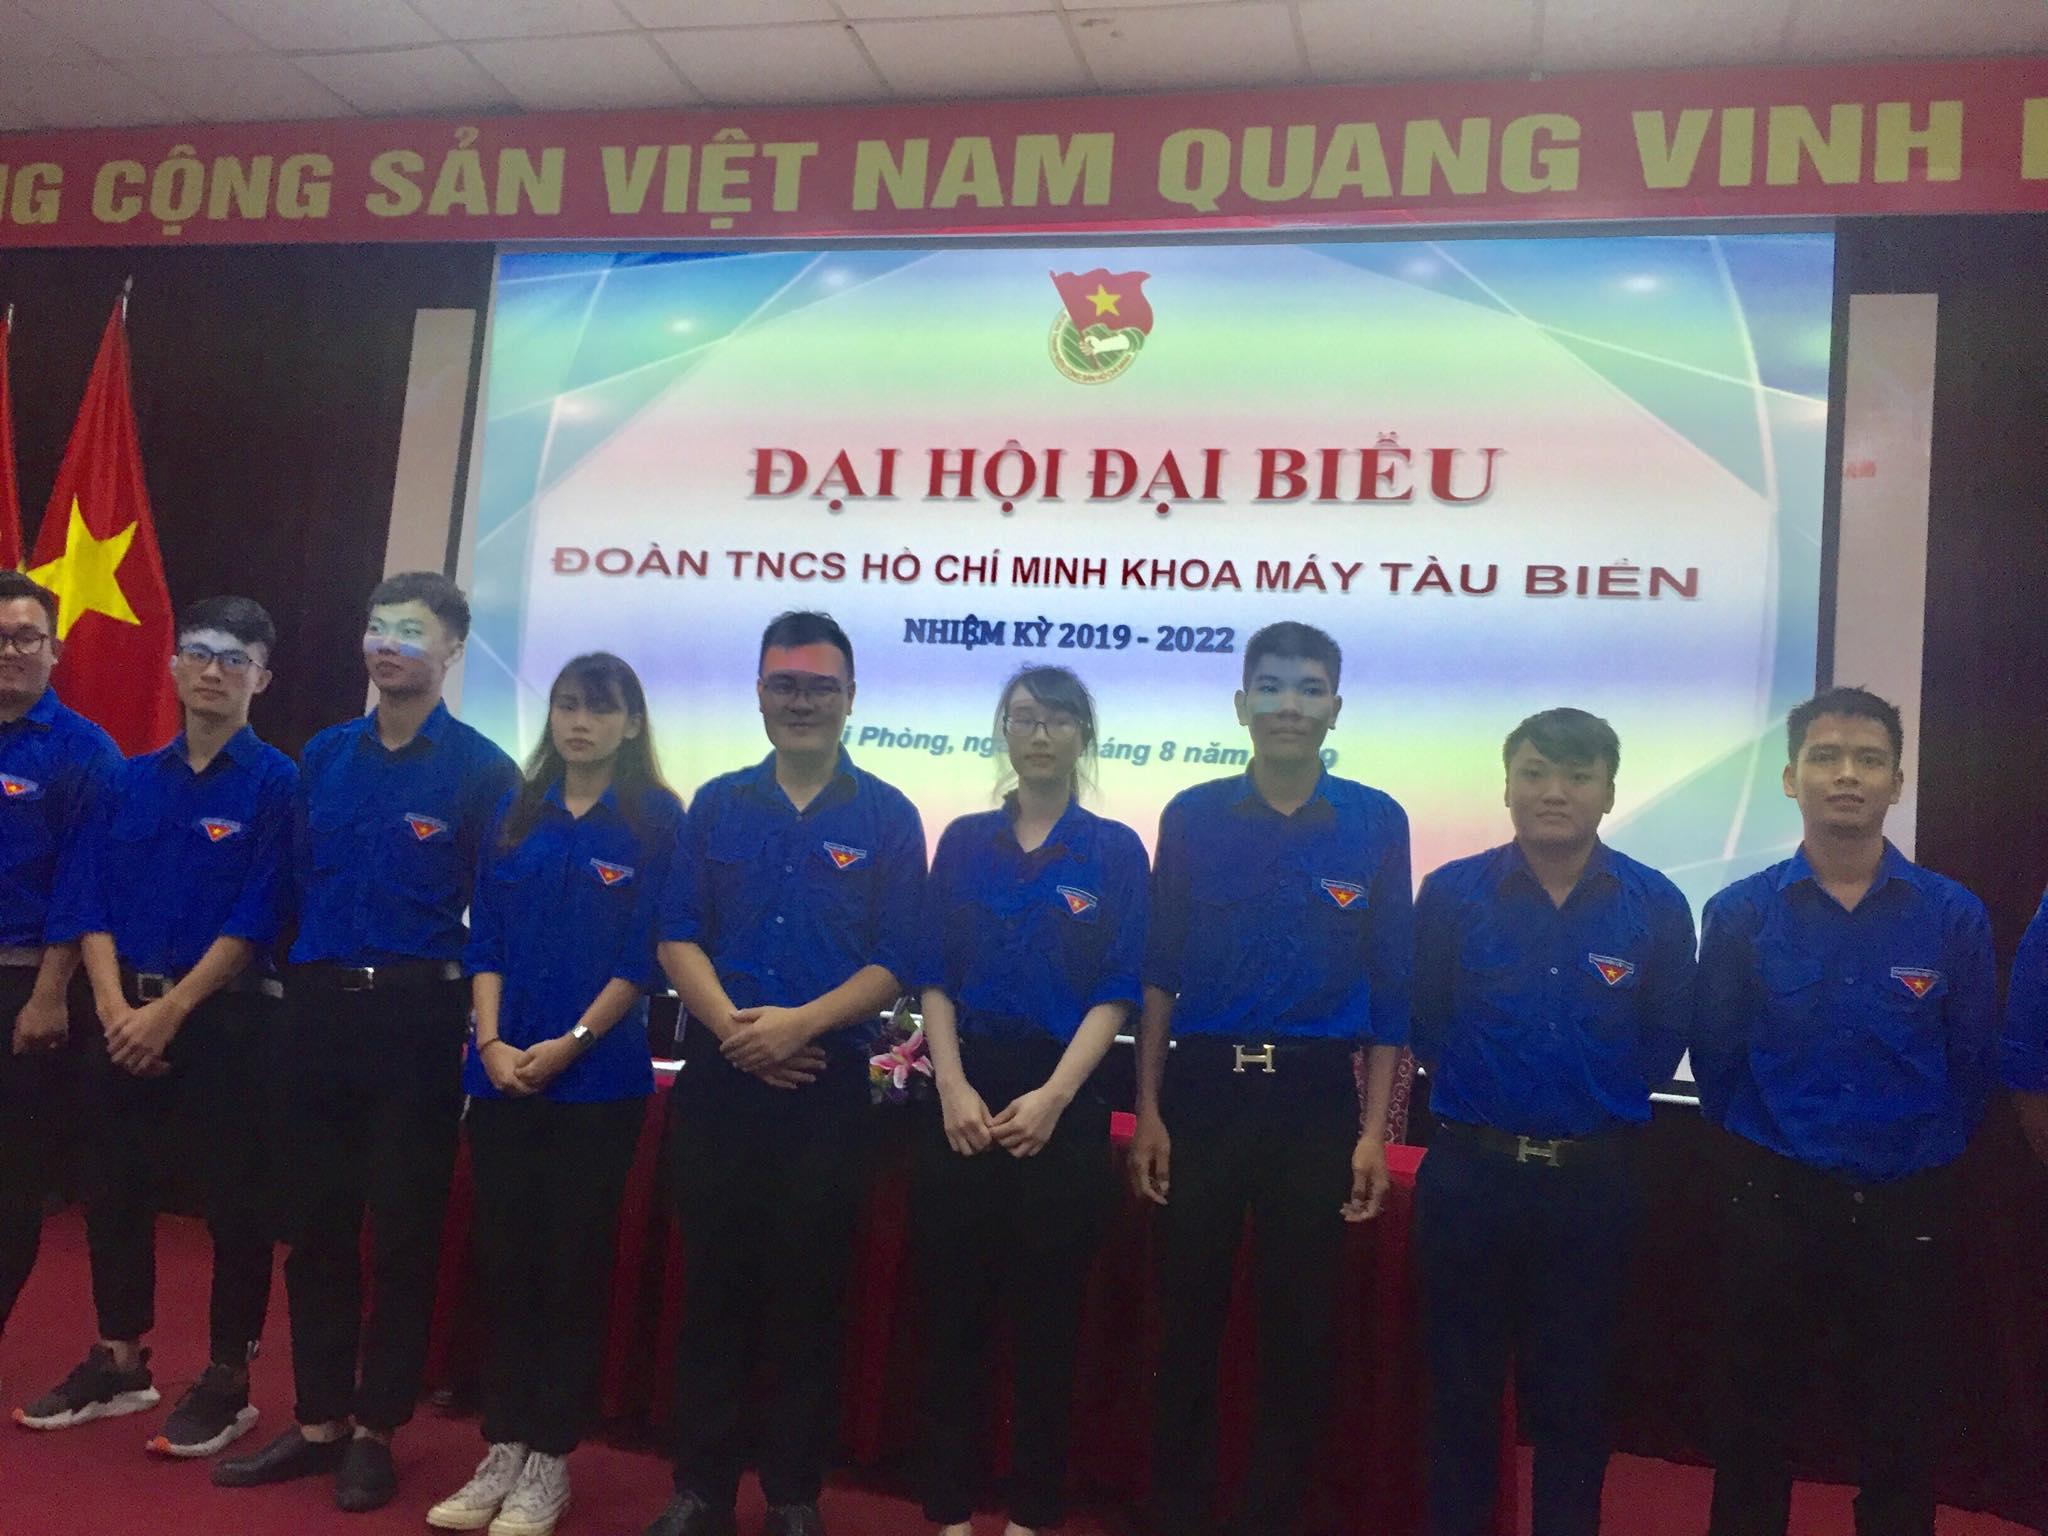 Đại hội đại biểu Liên chi đoàn khoa Máy tàu biển nhiệm kỳ 2019 - 2022 thành công tốt đẹp